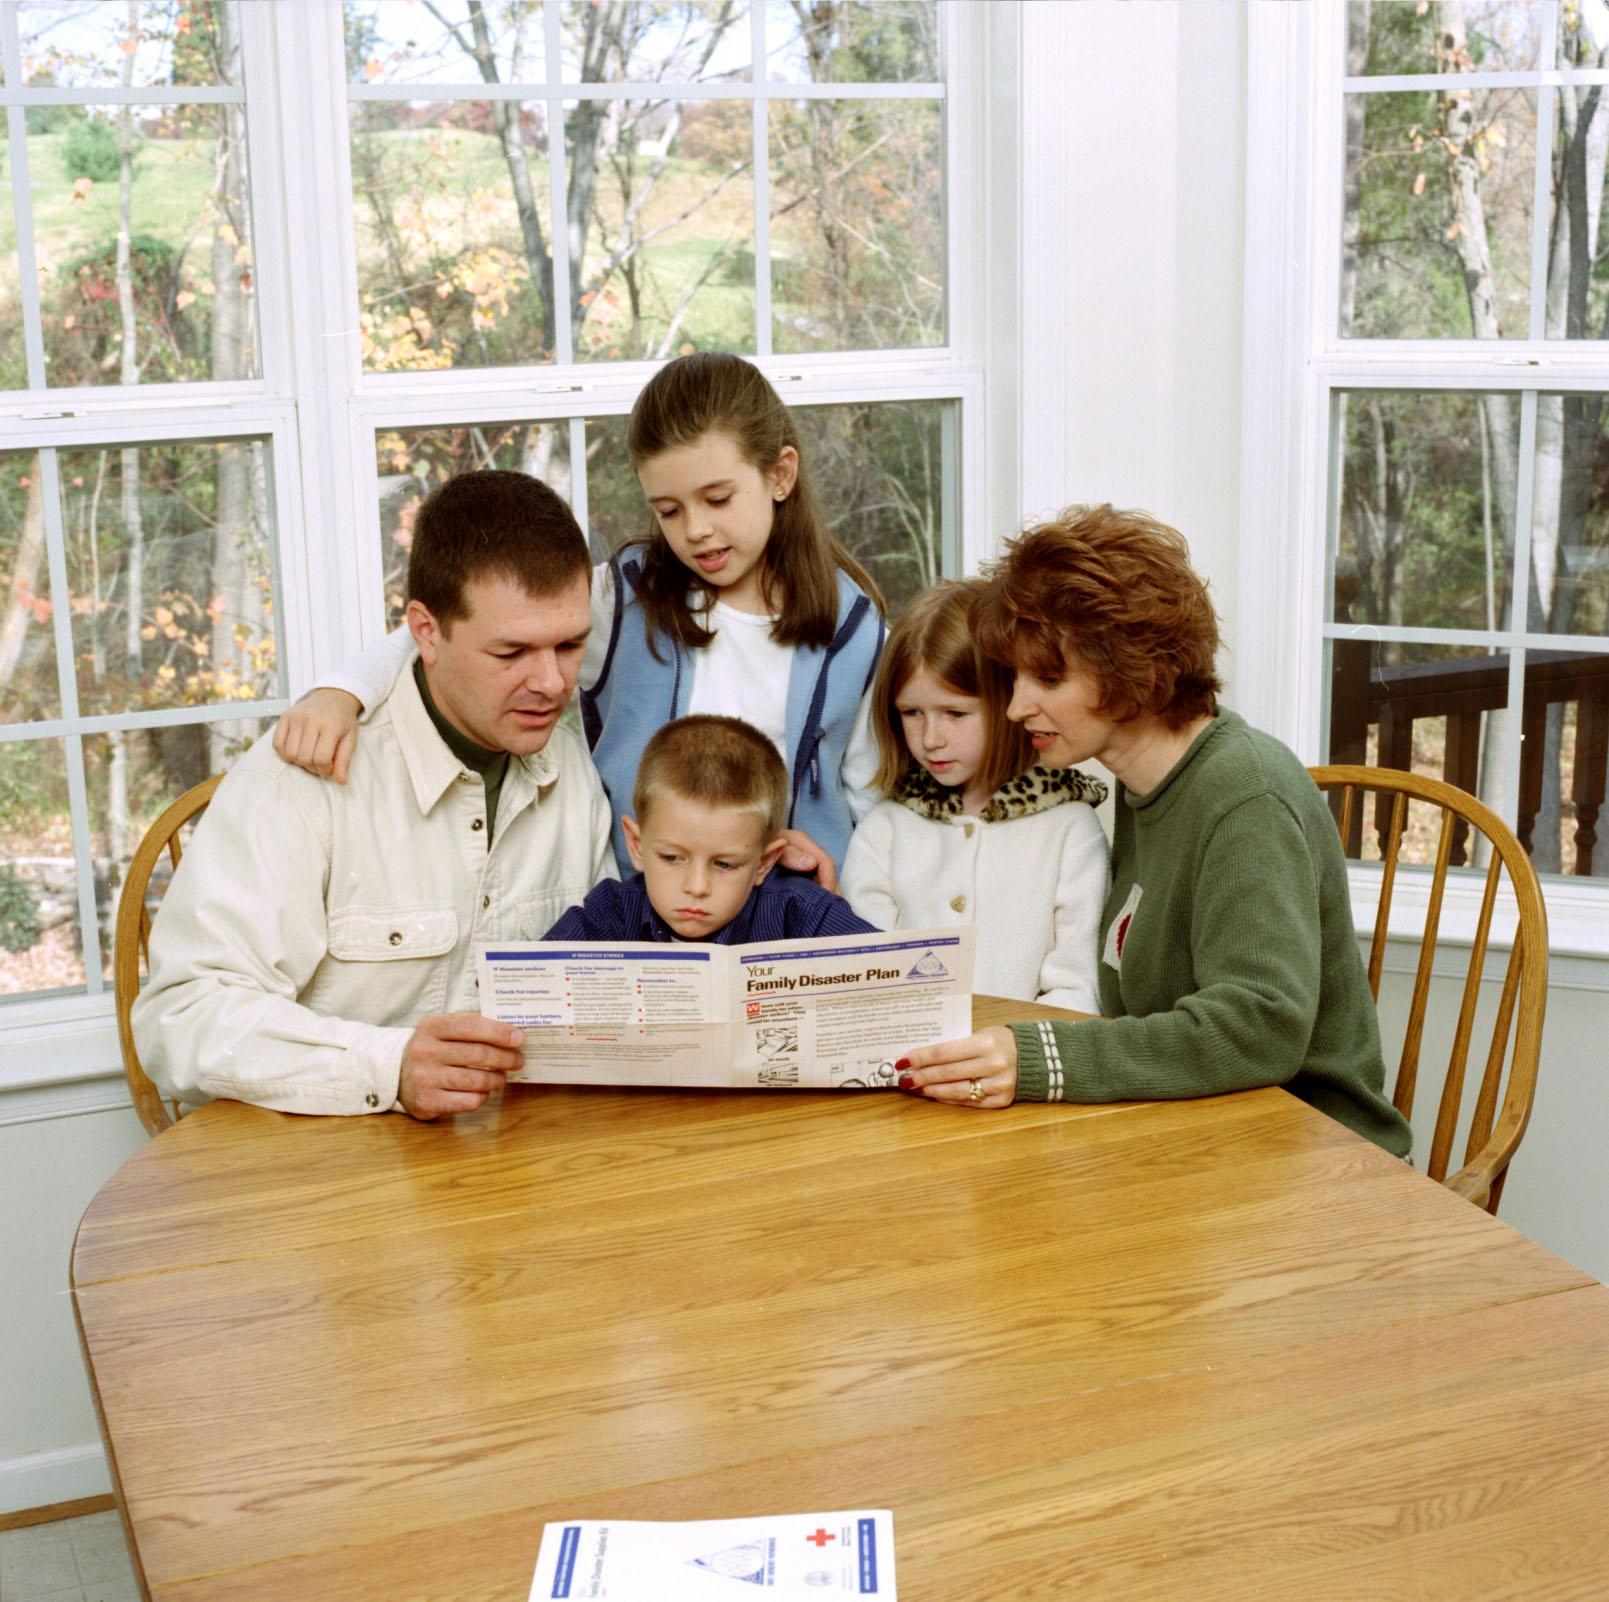 September is national preparedness month for Www family planning com